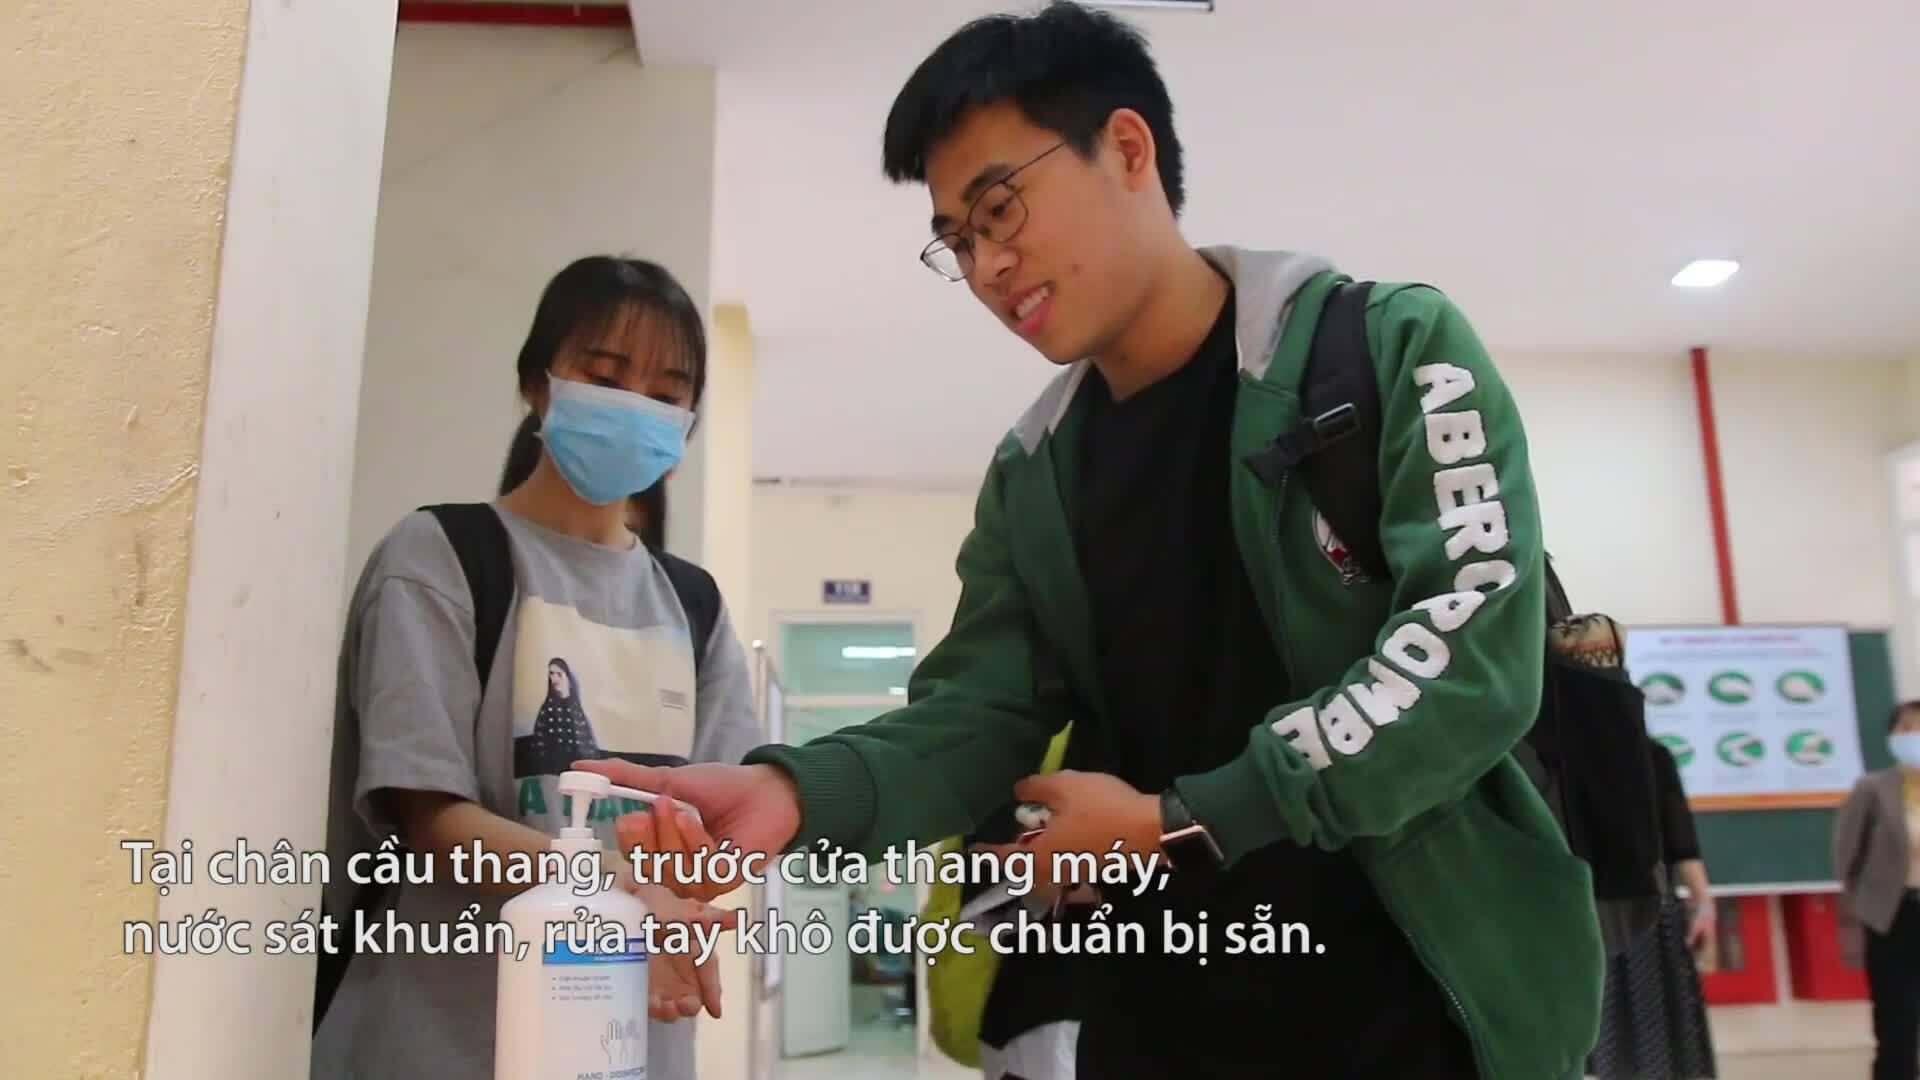 Biện pháp phòng dịch của Đại học Y Hà Nội